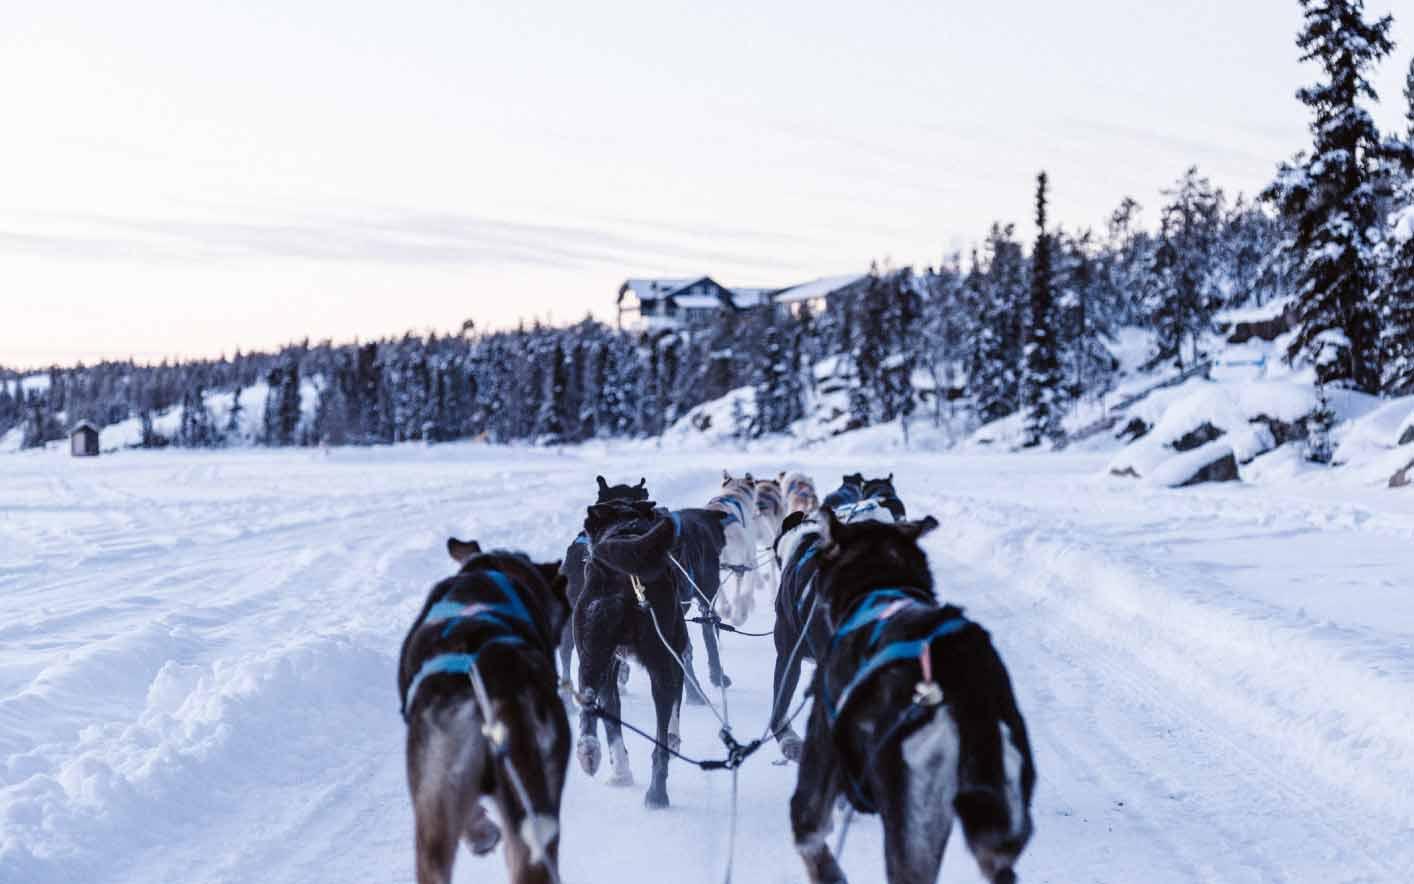 dogsledding activities in Yukon, Canada